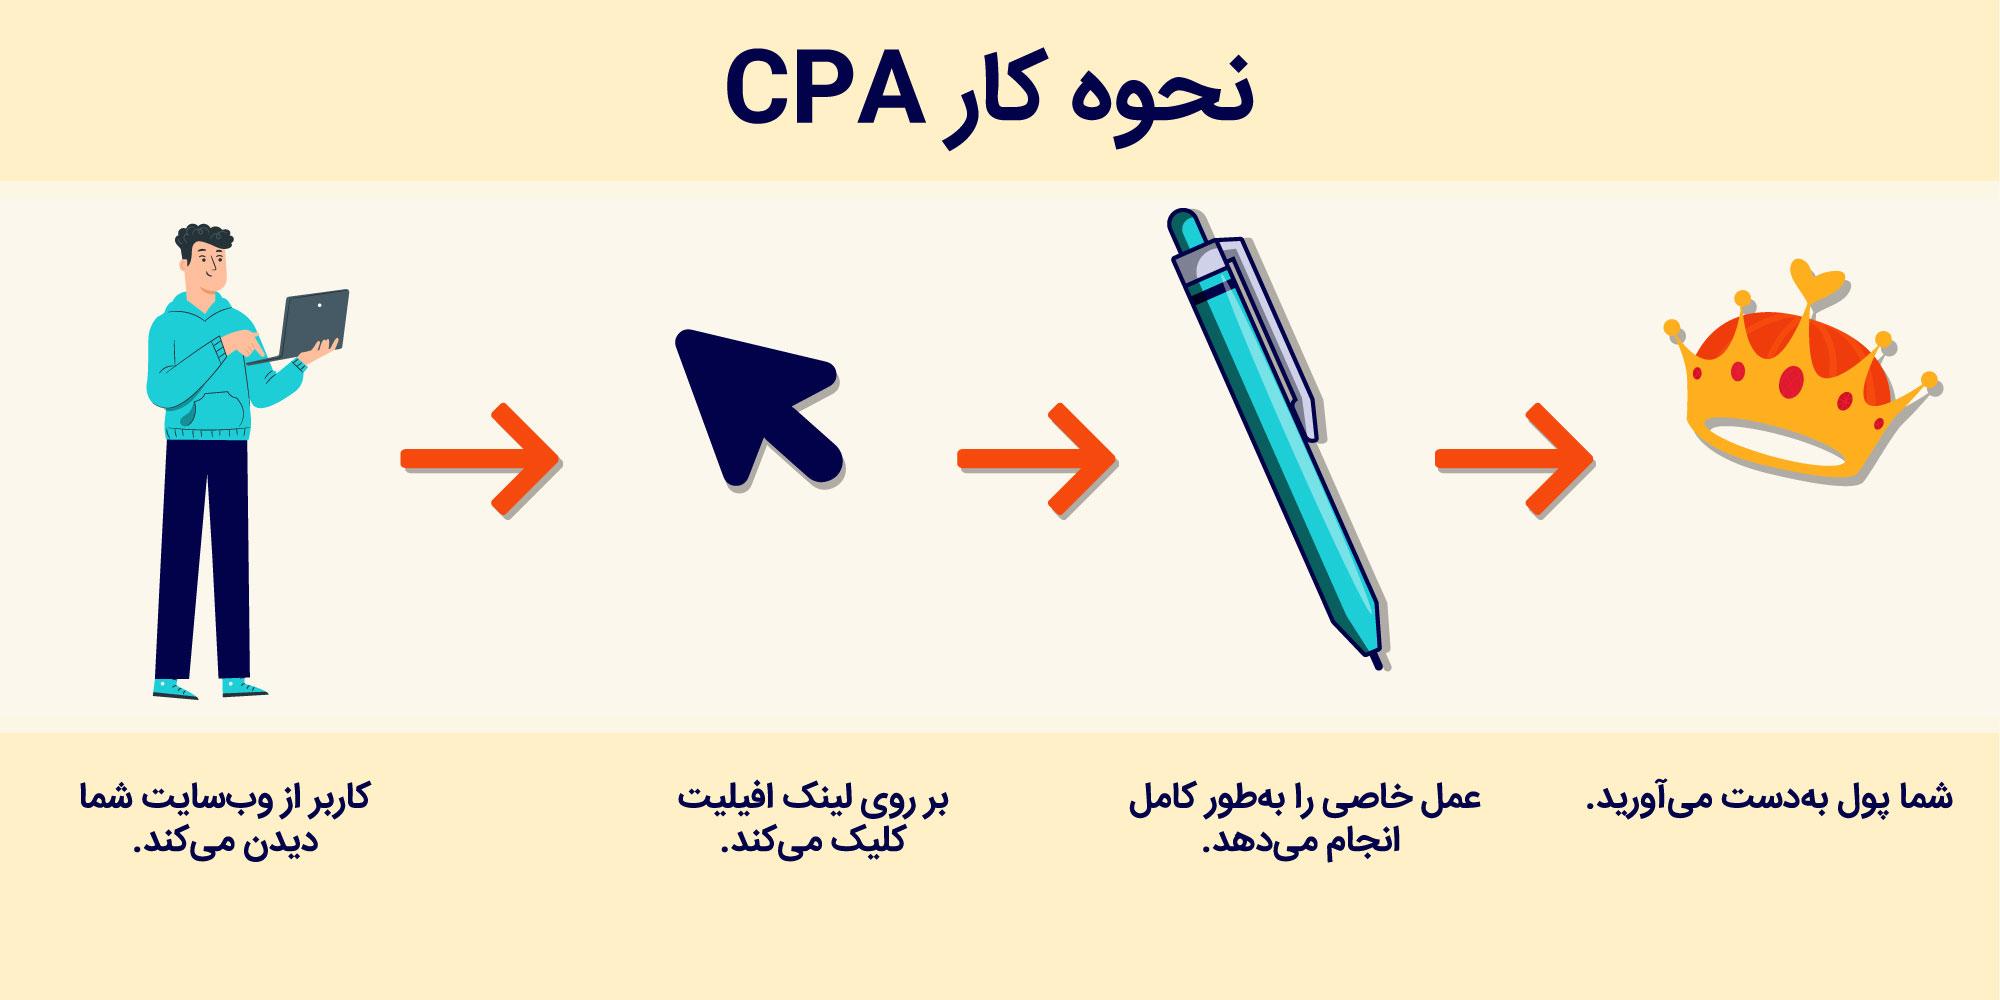 بازاریابی CPA